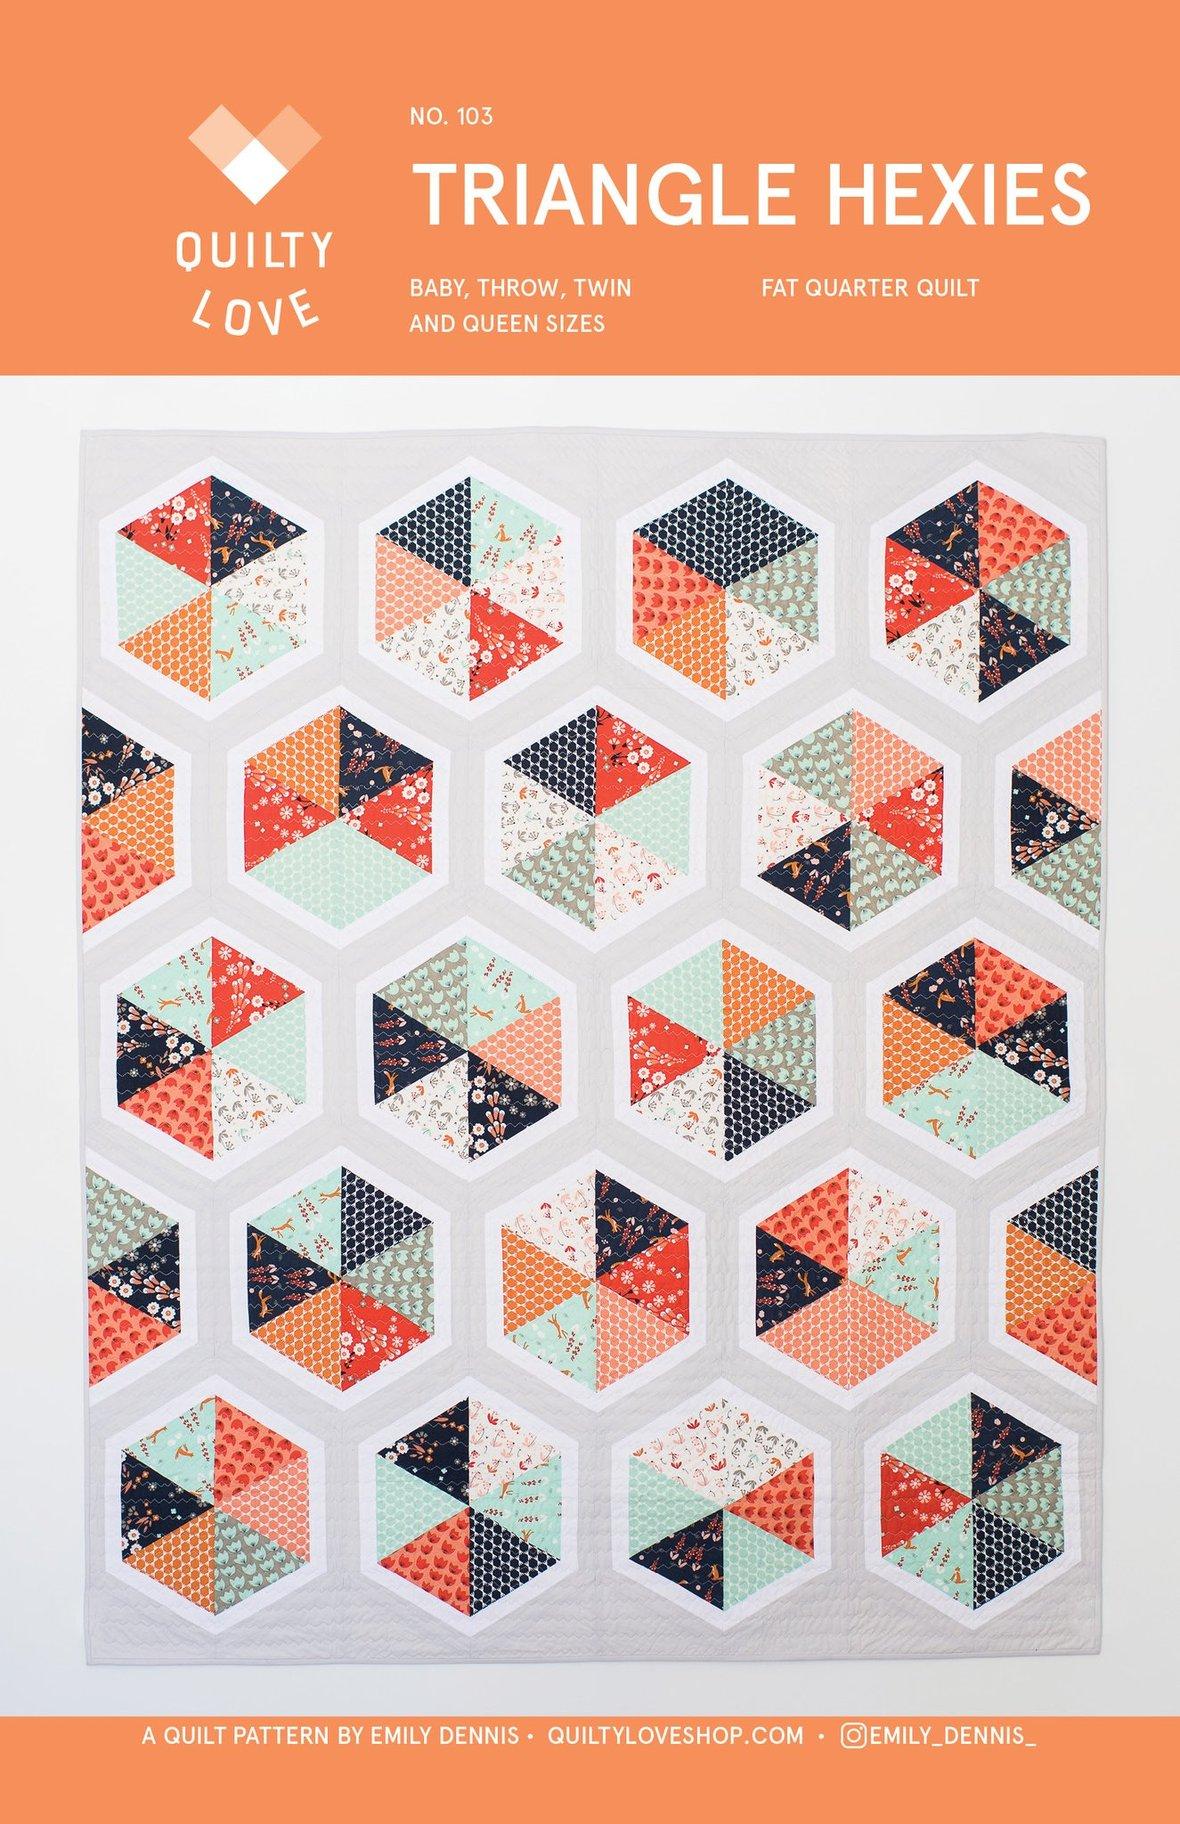 Triangle hexies PAPER Pattern-REBRAND 1024x1024 2x